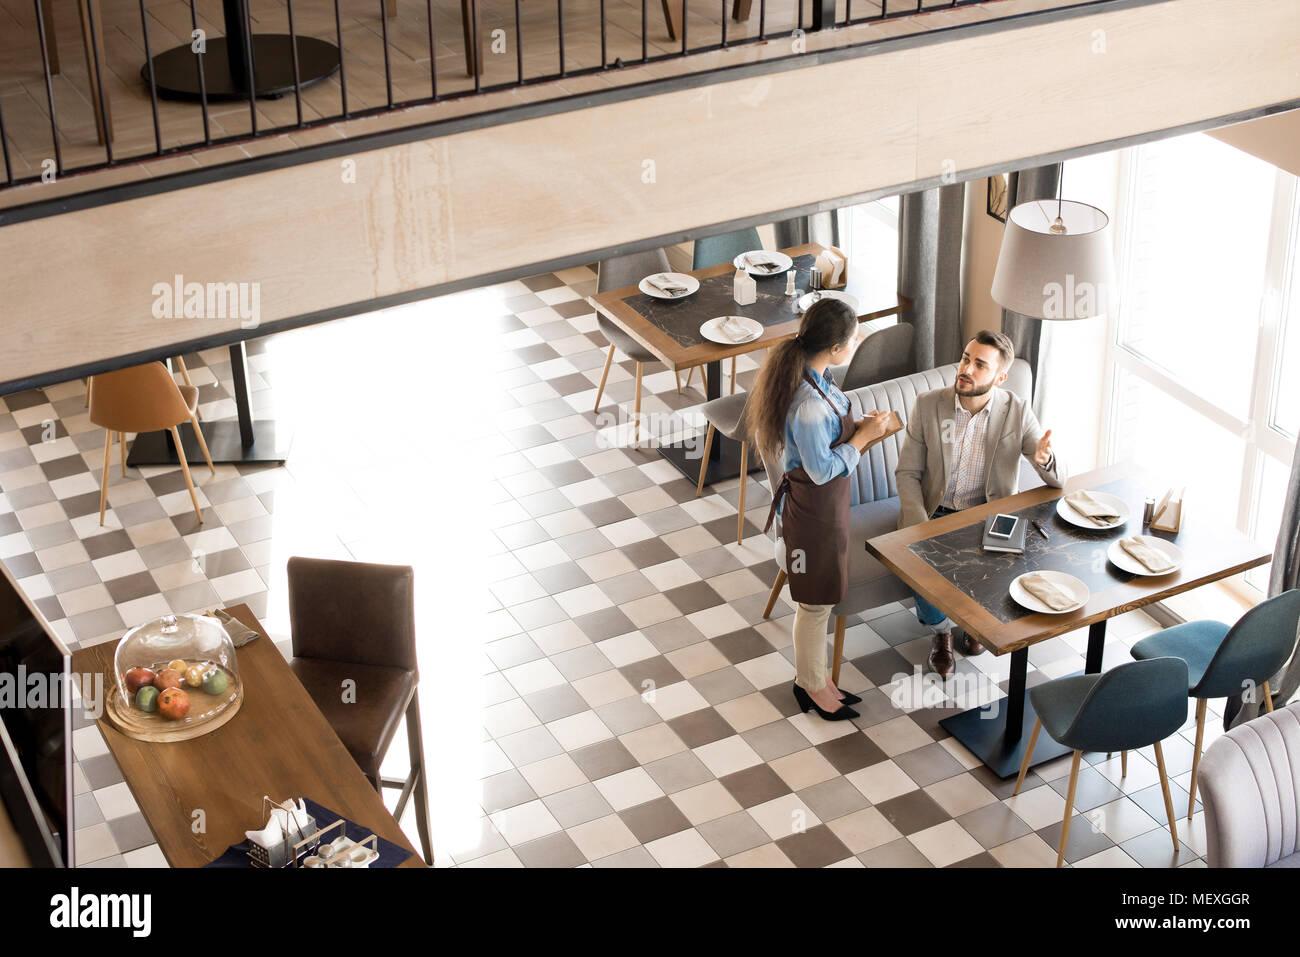 Modernes und gemütliches Business Cafe Stockbild